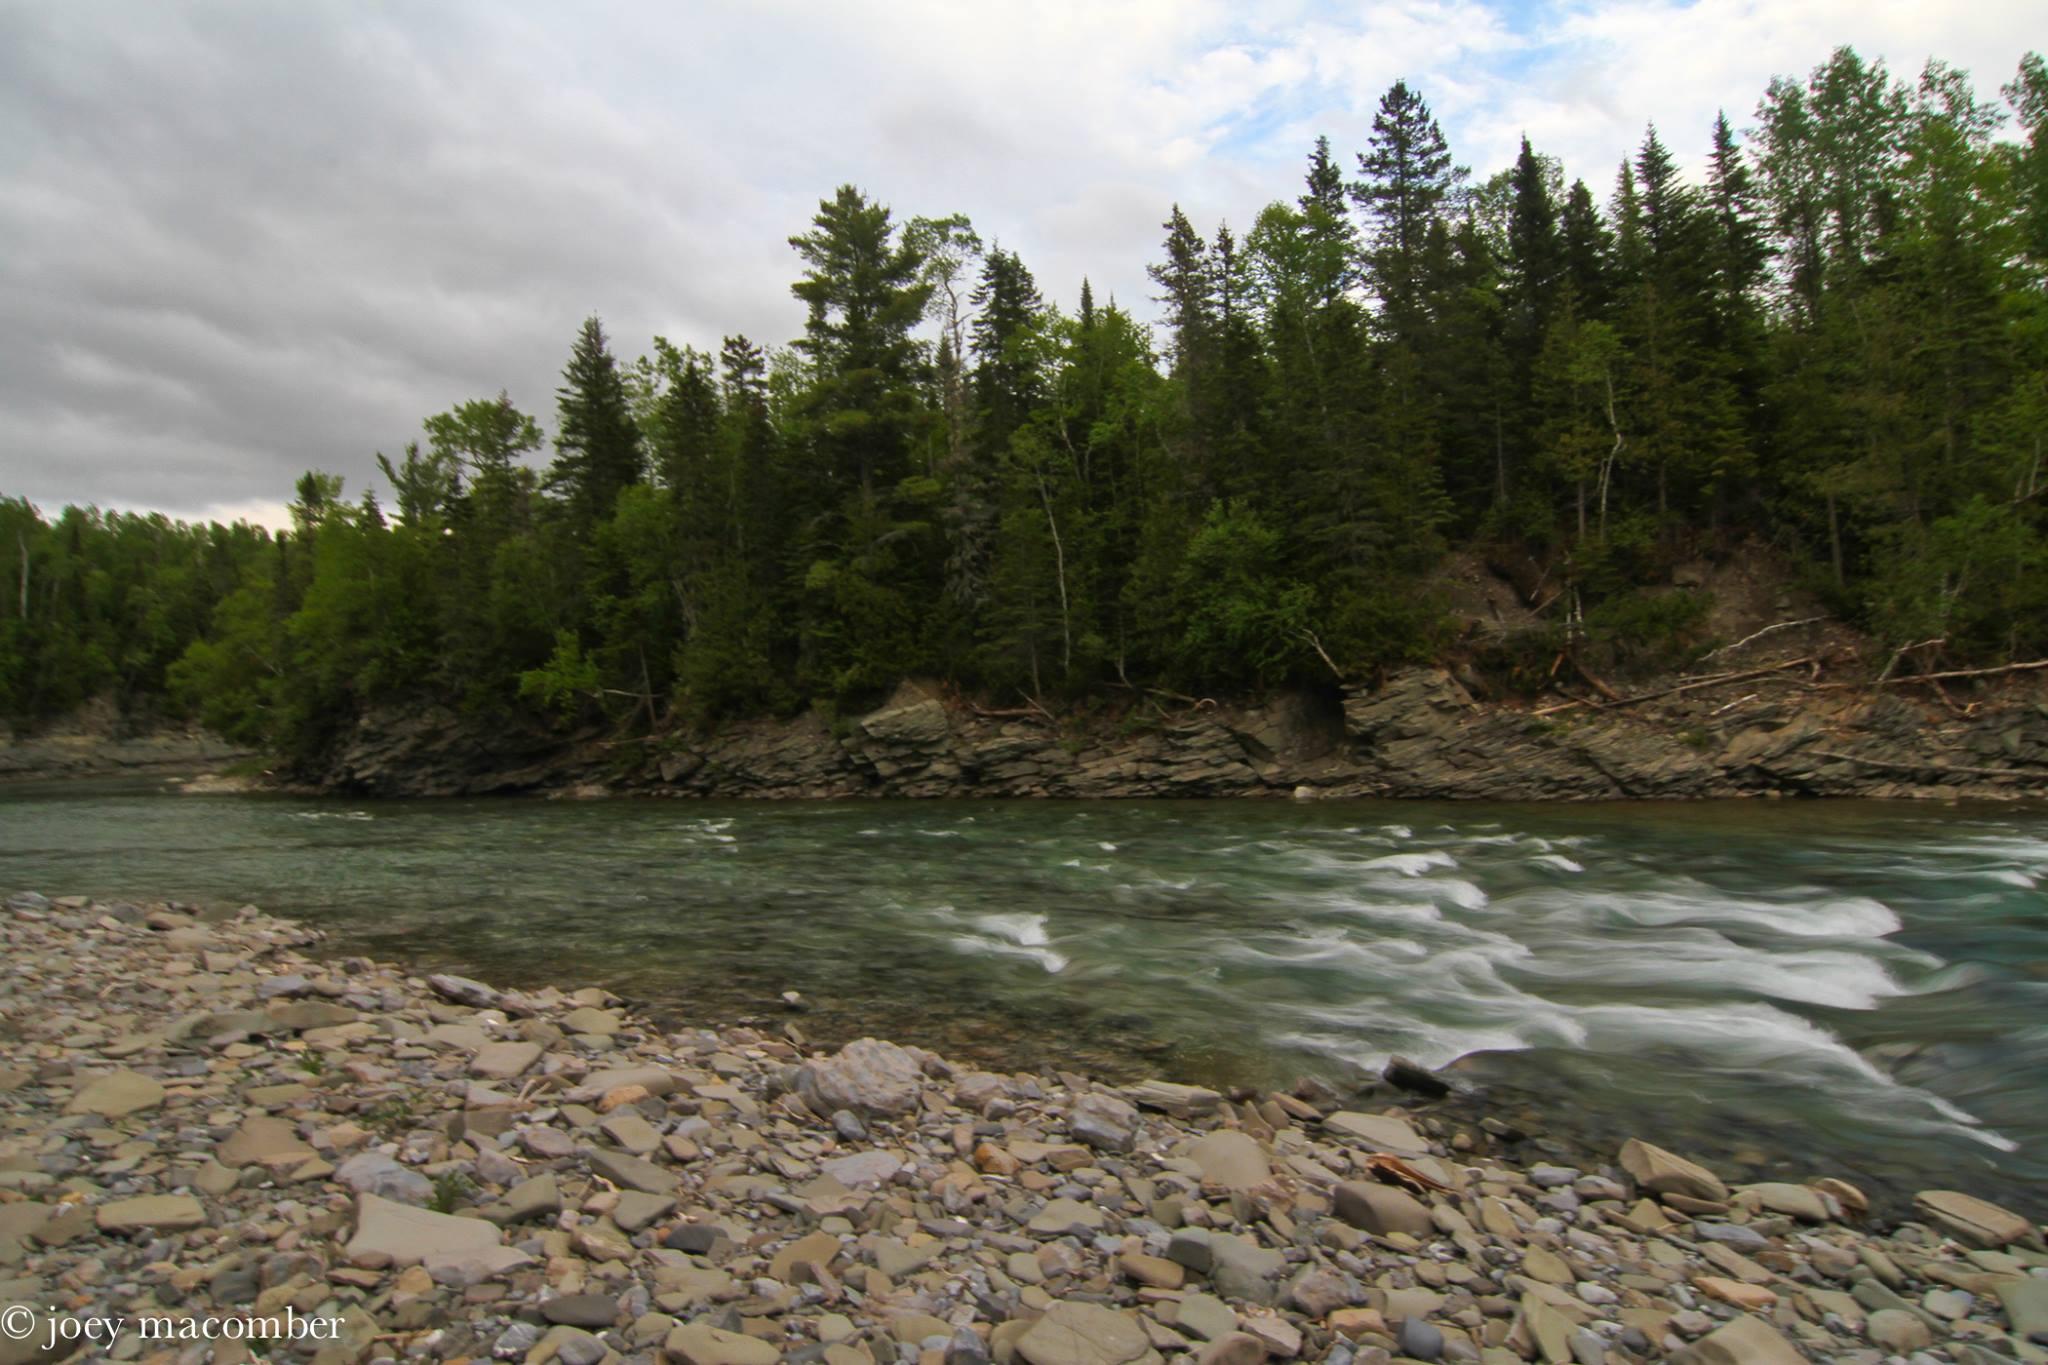 St. Jean River Gaspe Quebec